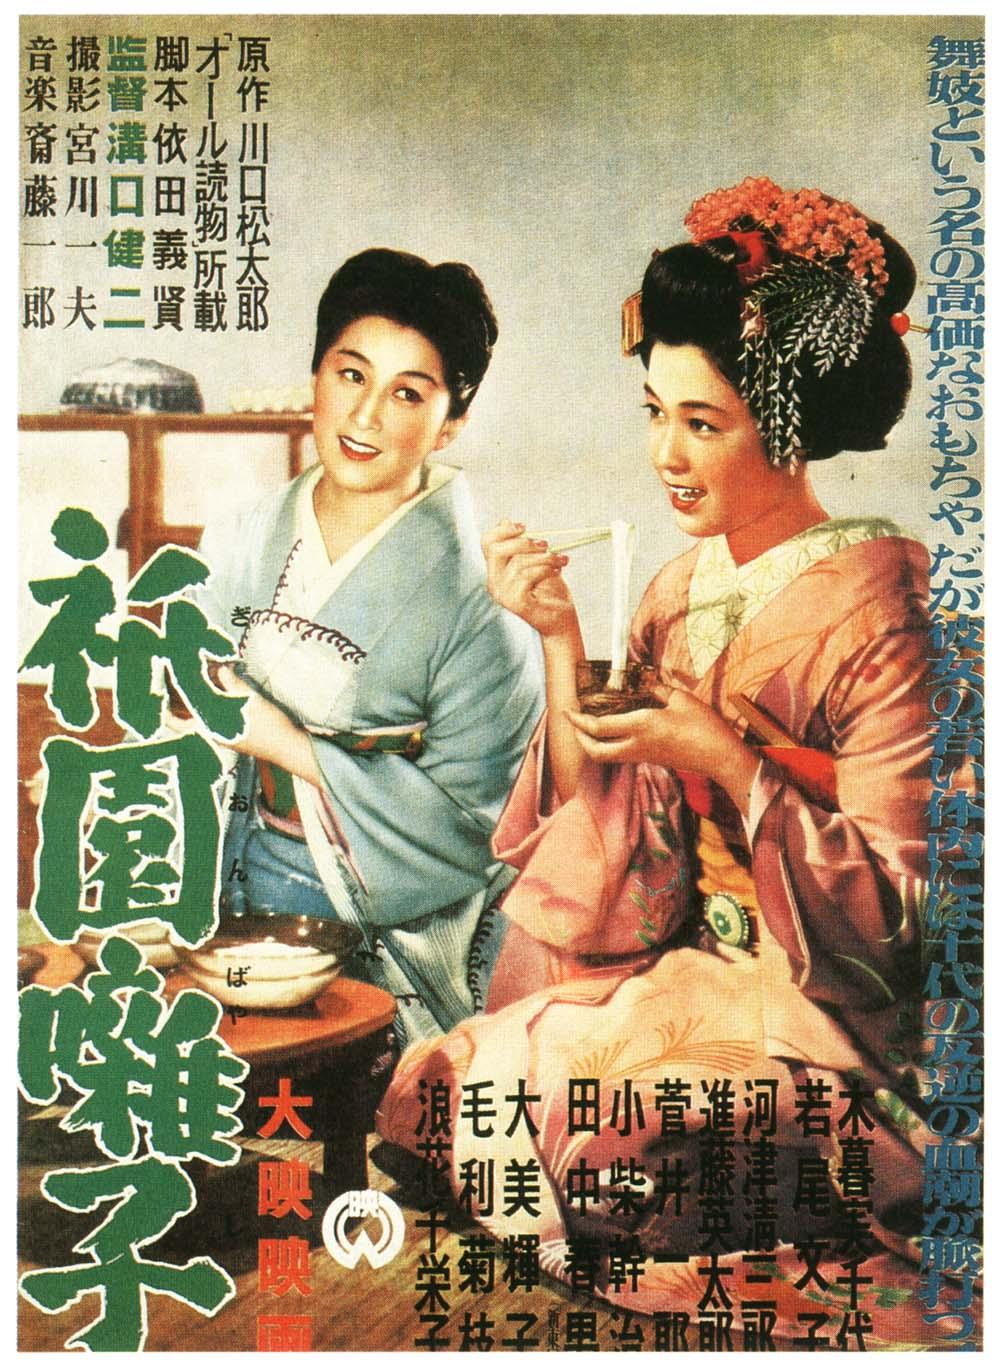 Affiche du film 祇園囃子 (Les musiciens de Gion, 1953) de 溝口 健二 (Kenji Mizoguchi)